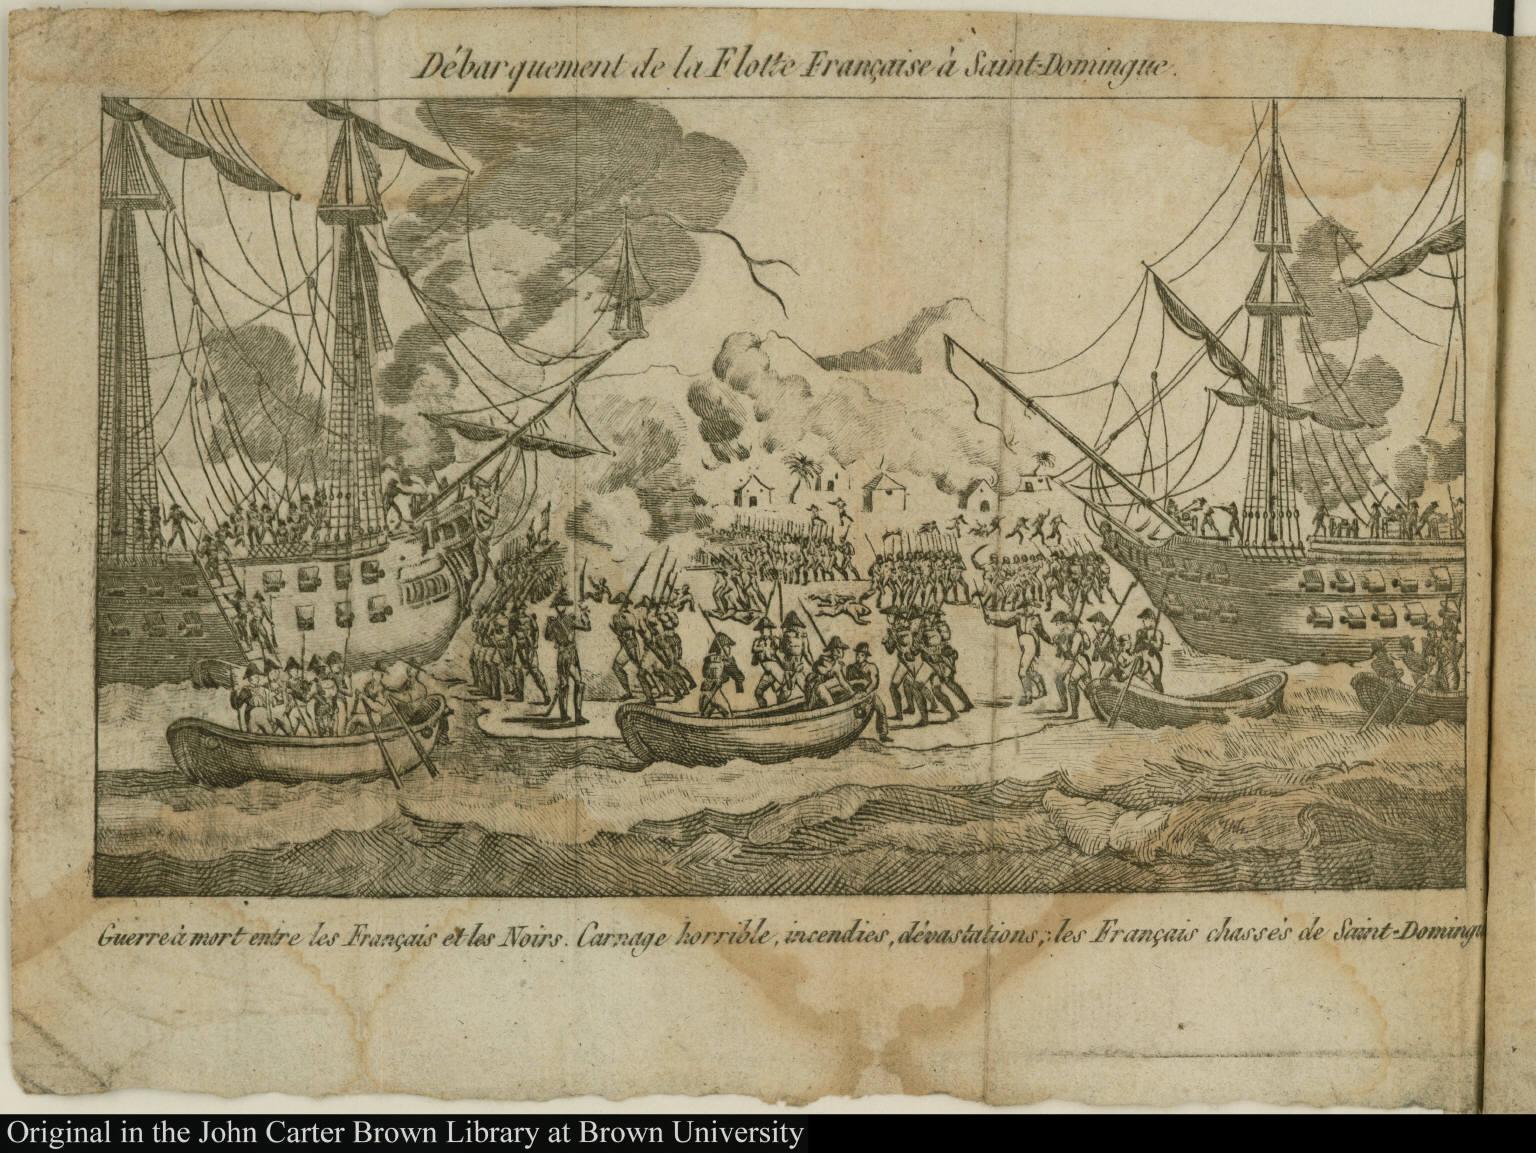 Débarquement de la Flotte Française à Saint-Domingue.